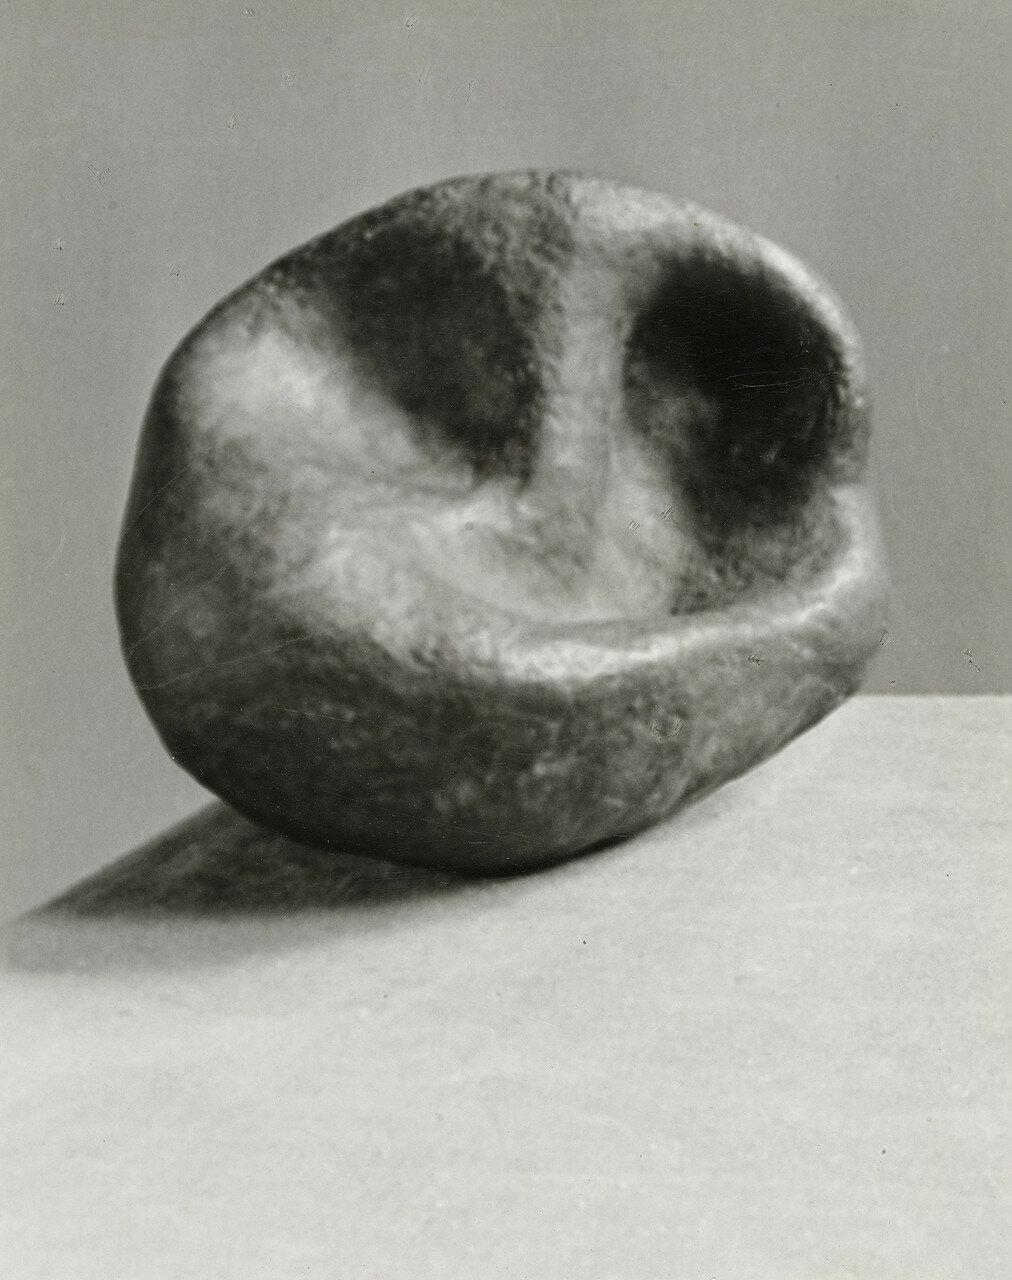 1943. Пикассо. Скульптура (бронза, круглый объект)